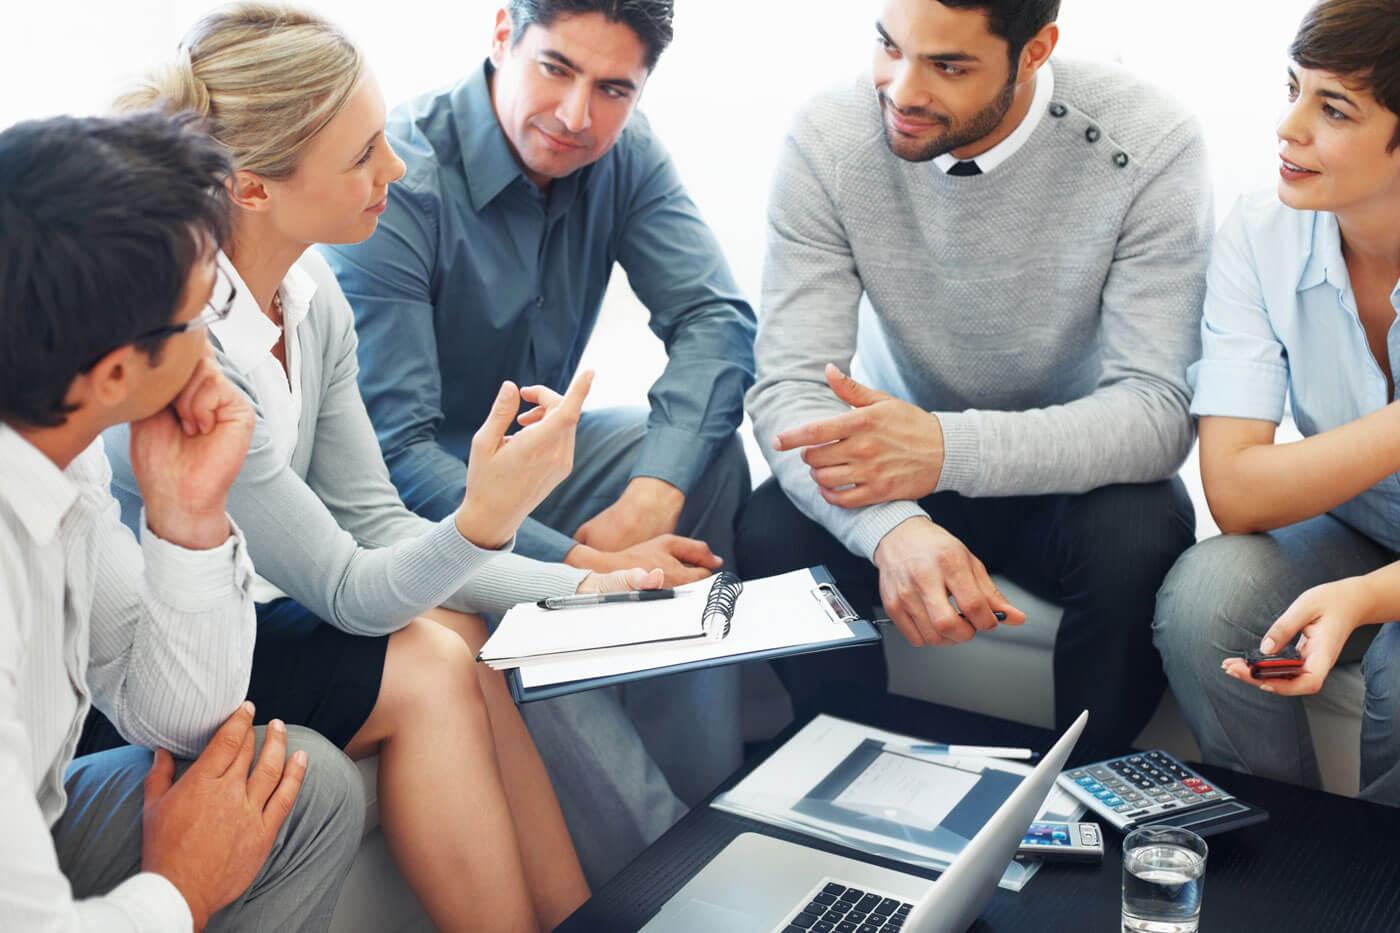 blog-team-discussion